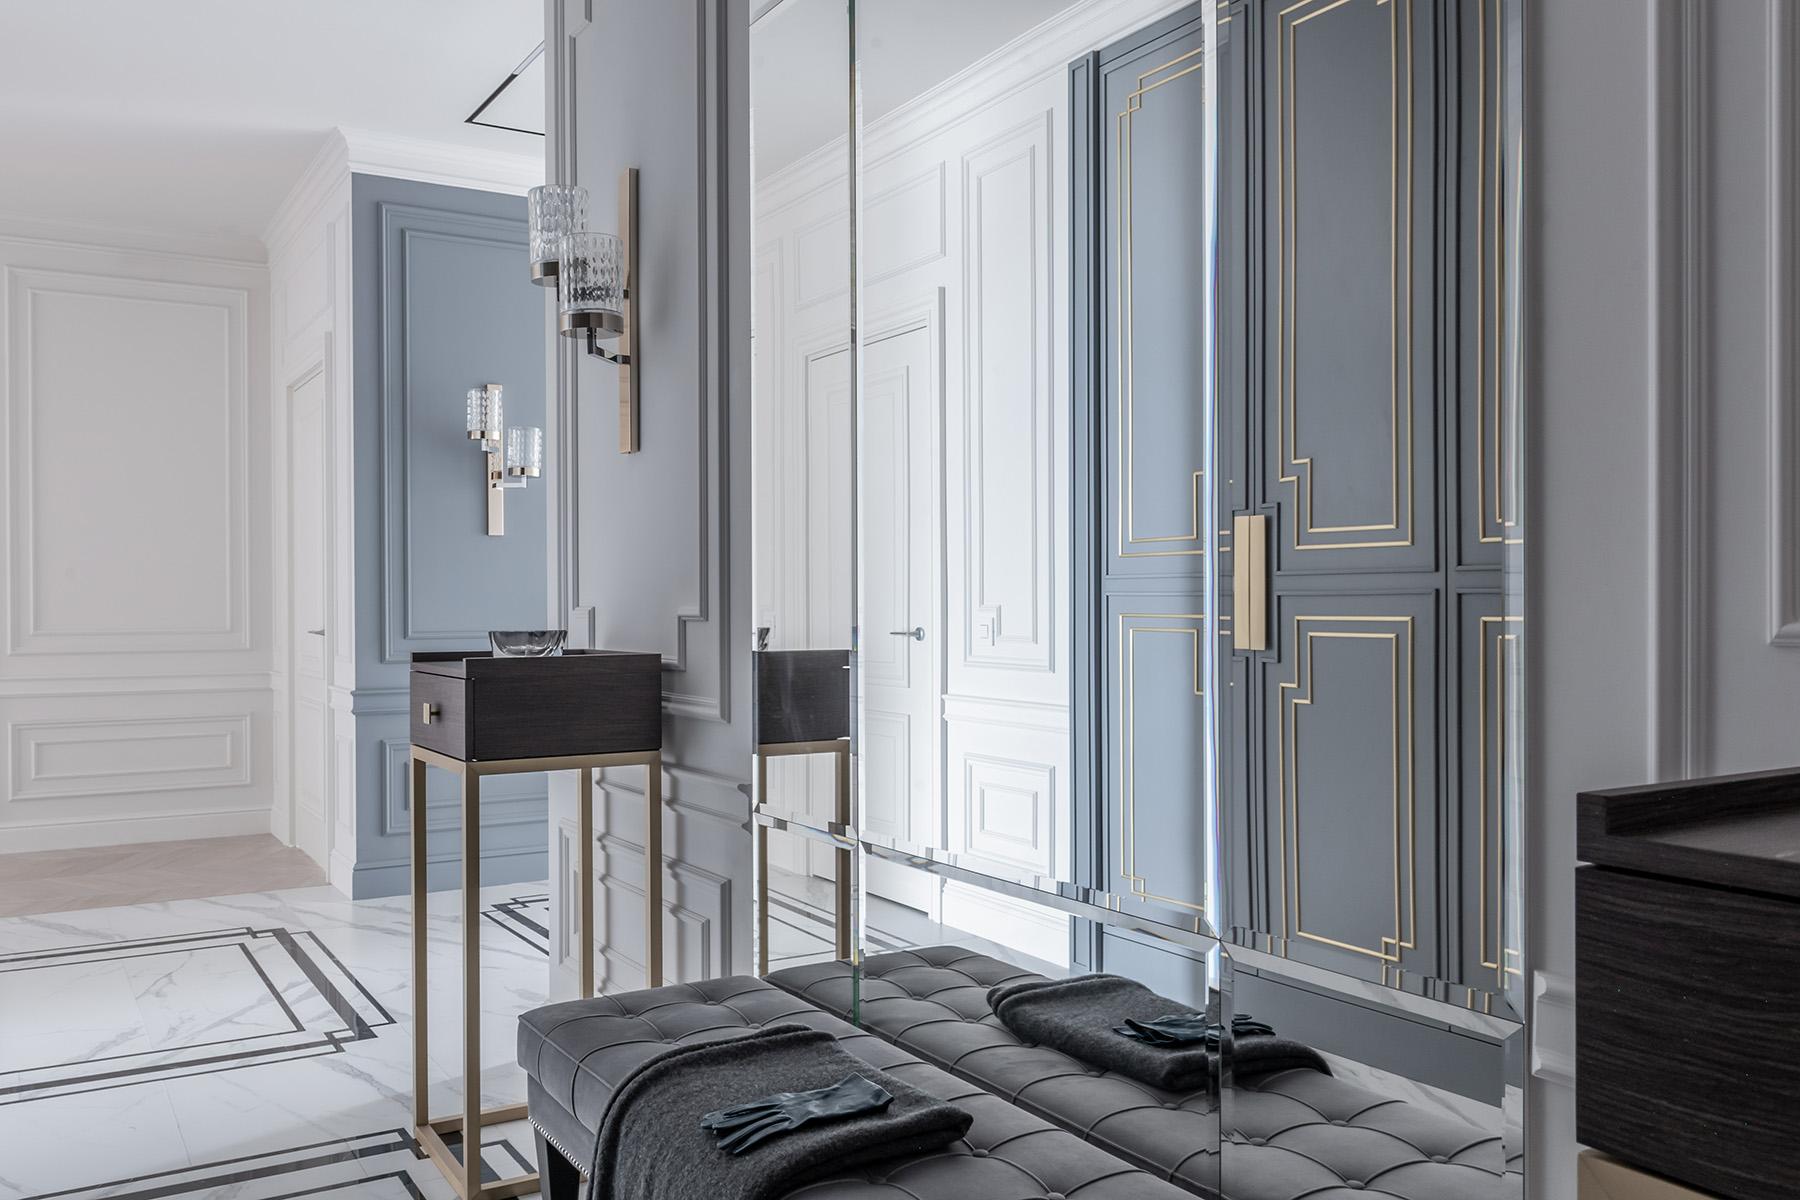 Интерьер квартиры от студии дизайна Полины Брагиной